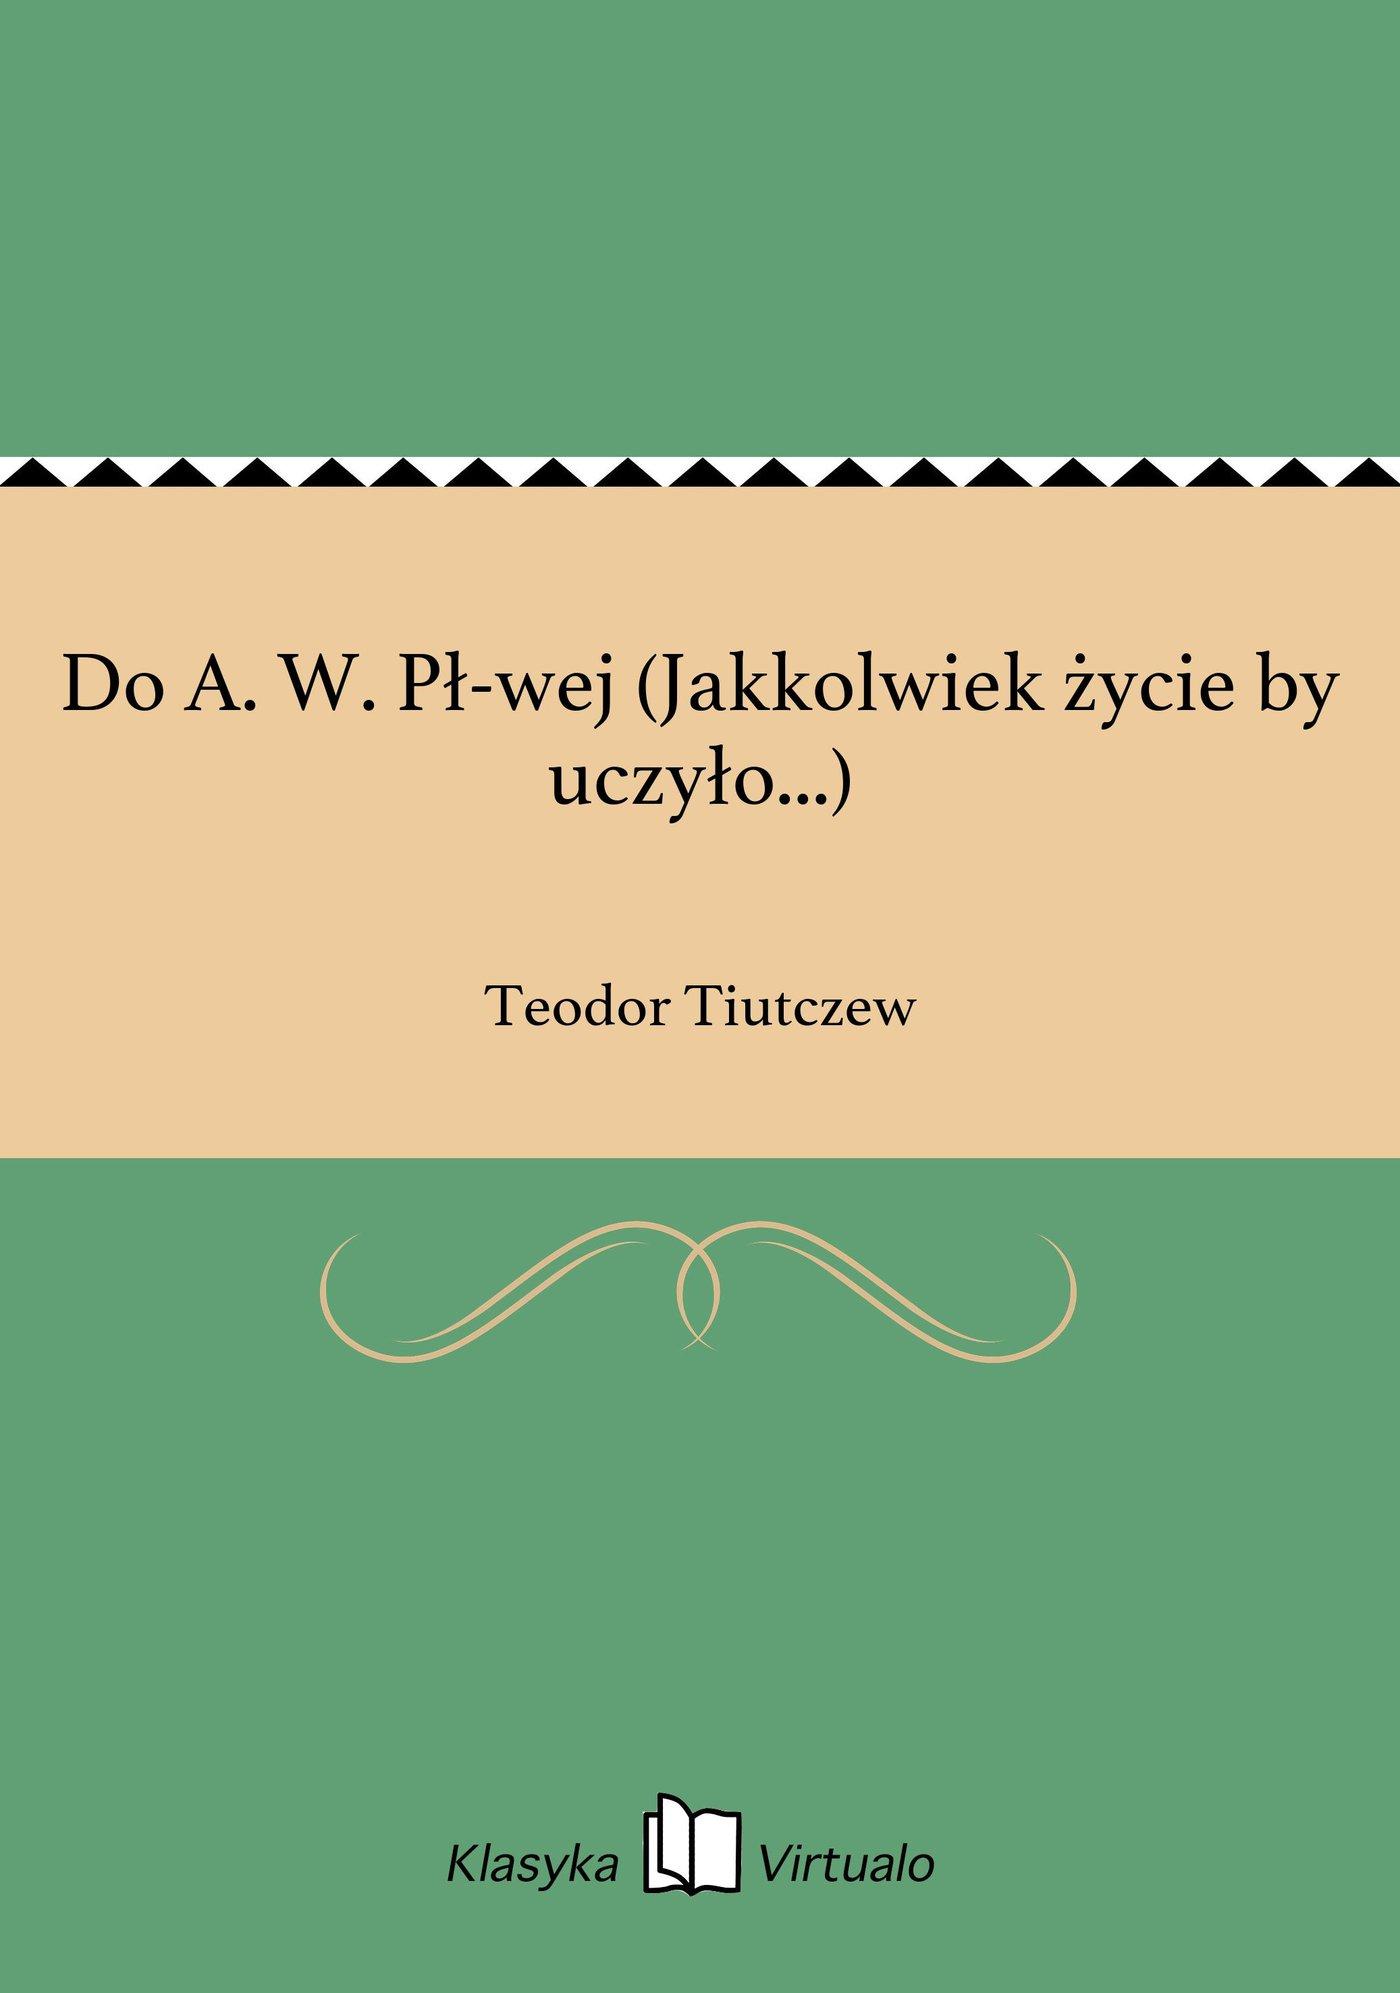 Do A. W. Pł-wej (Jakkolwiek życie by uczyło...) - Ebook (Książka EPUB) do pobrania w formacie EPUB